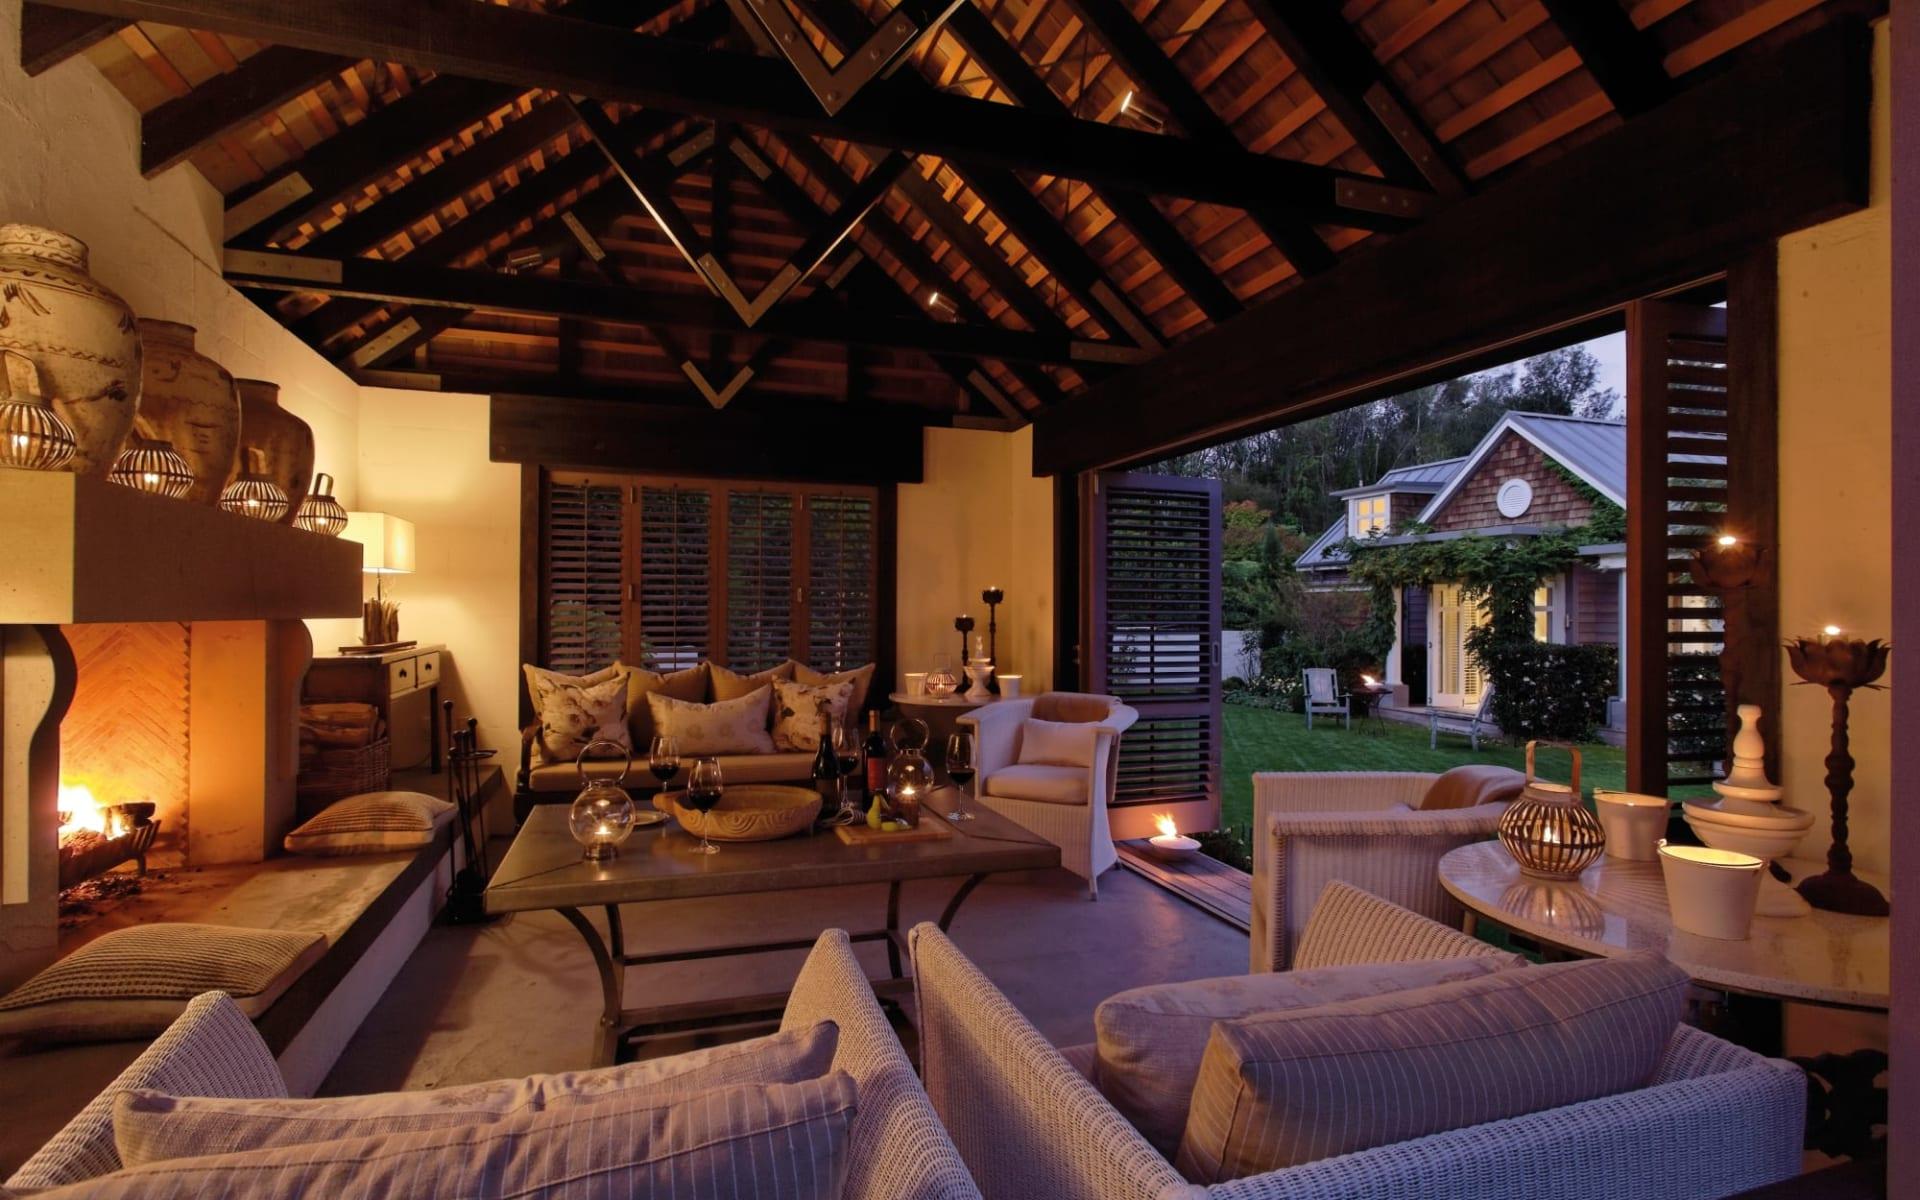 Huka Lodge in Taupo:  Alan Pye Cottage Outdoor Pavilion_84857